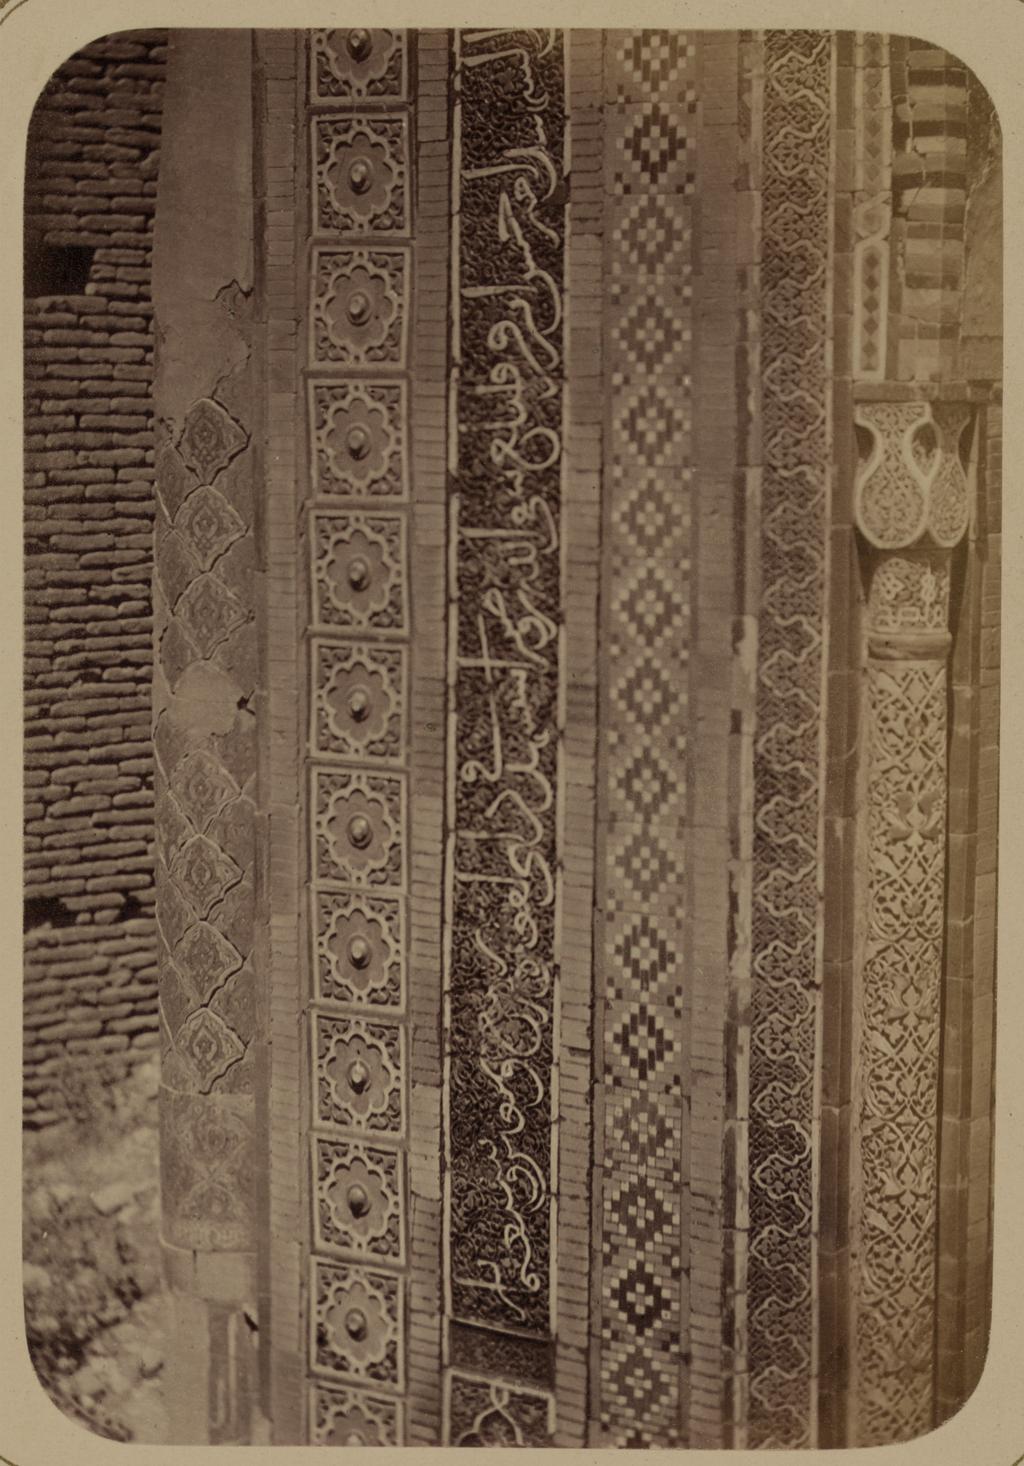 Мавзолей дочери эмира Ходжи Туглу-Текин. Надпись на верхней левой стороне фасада